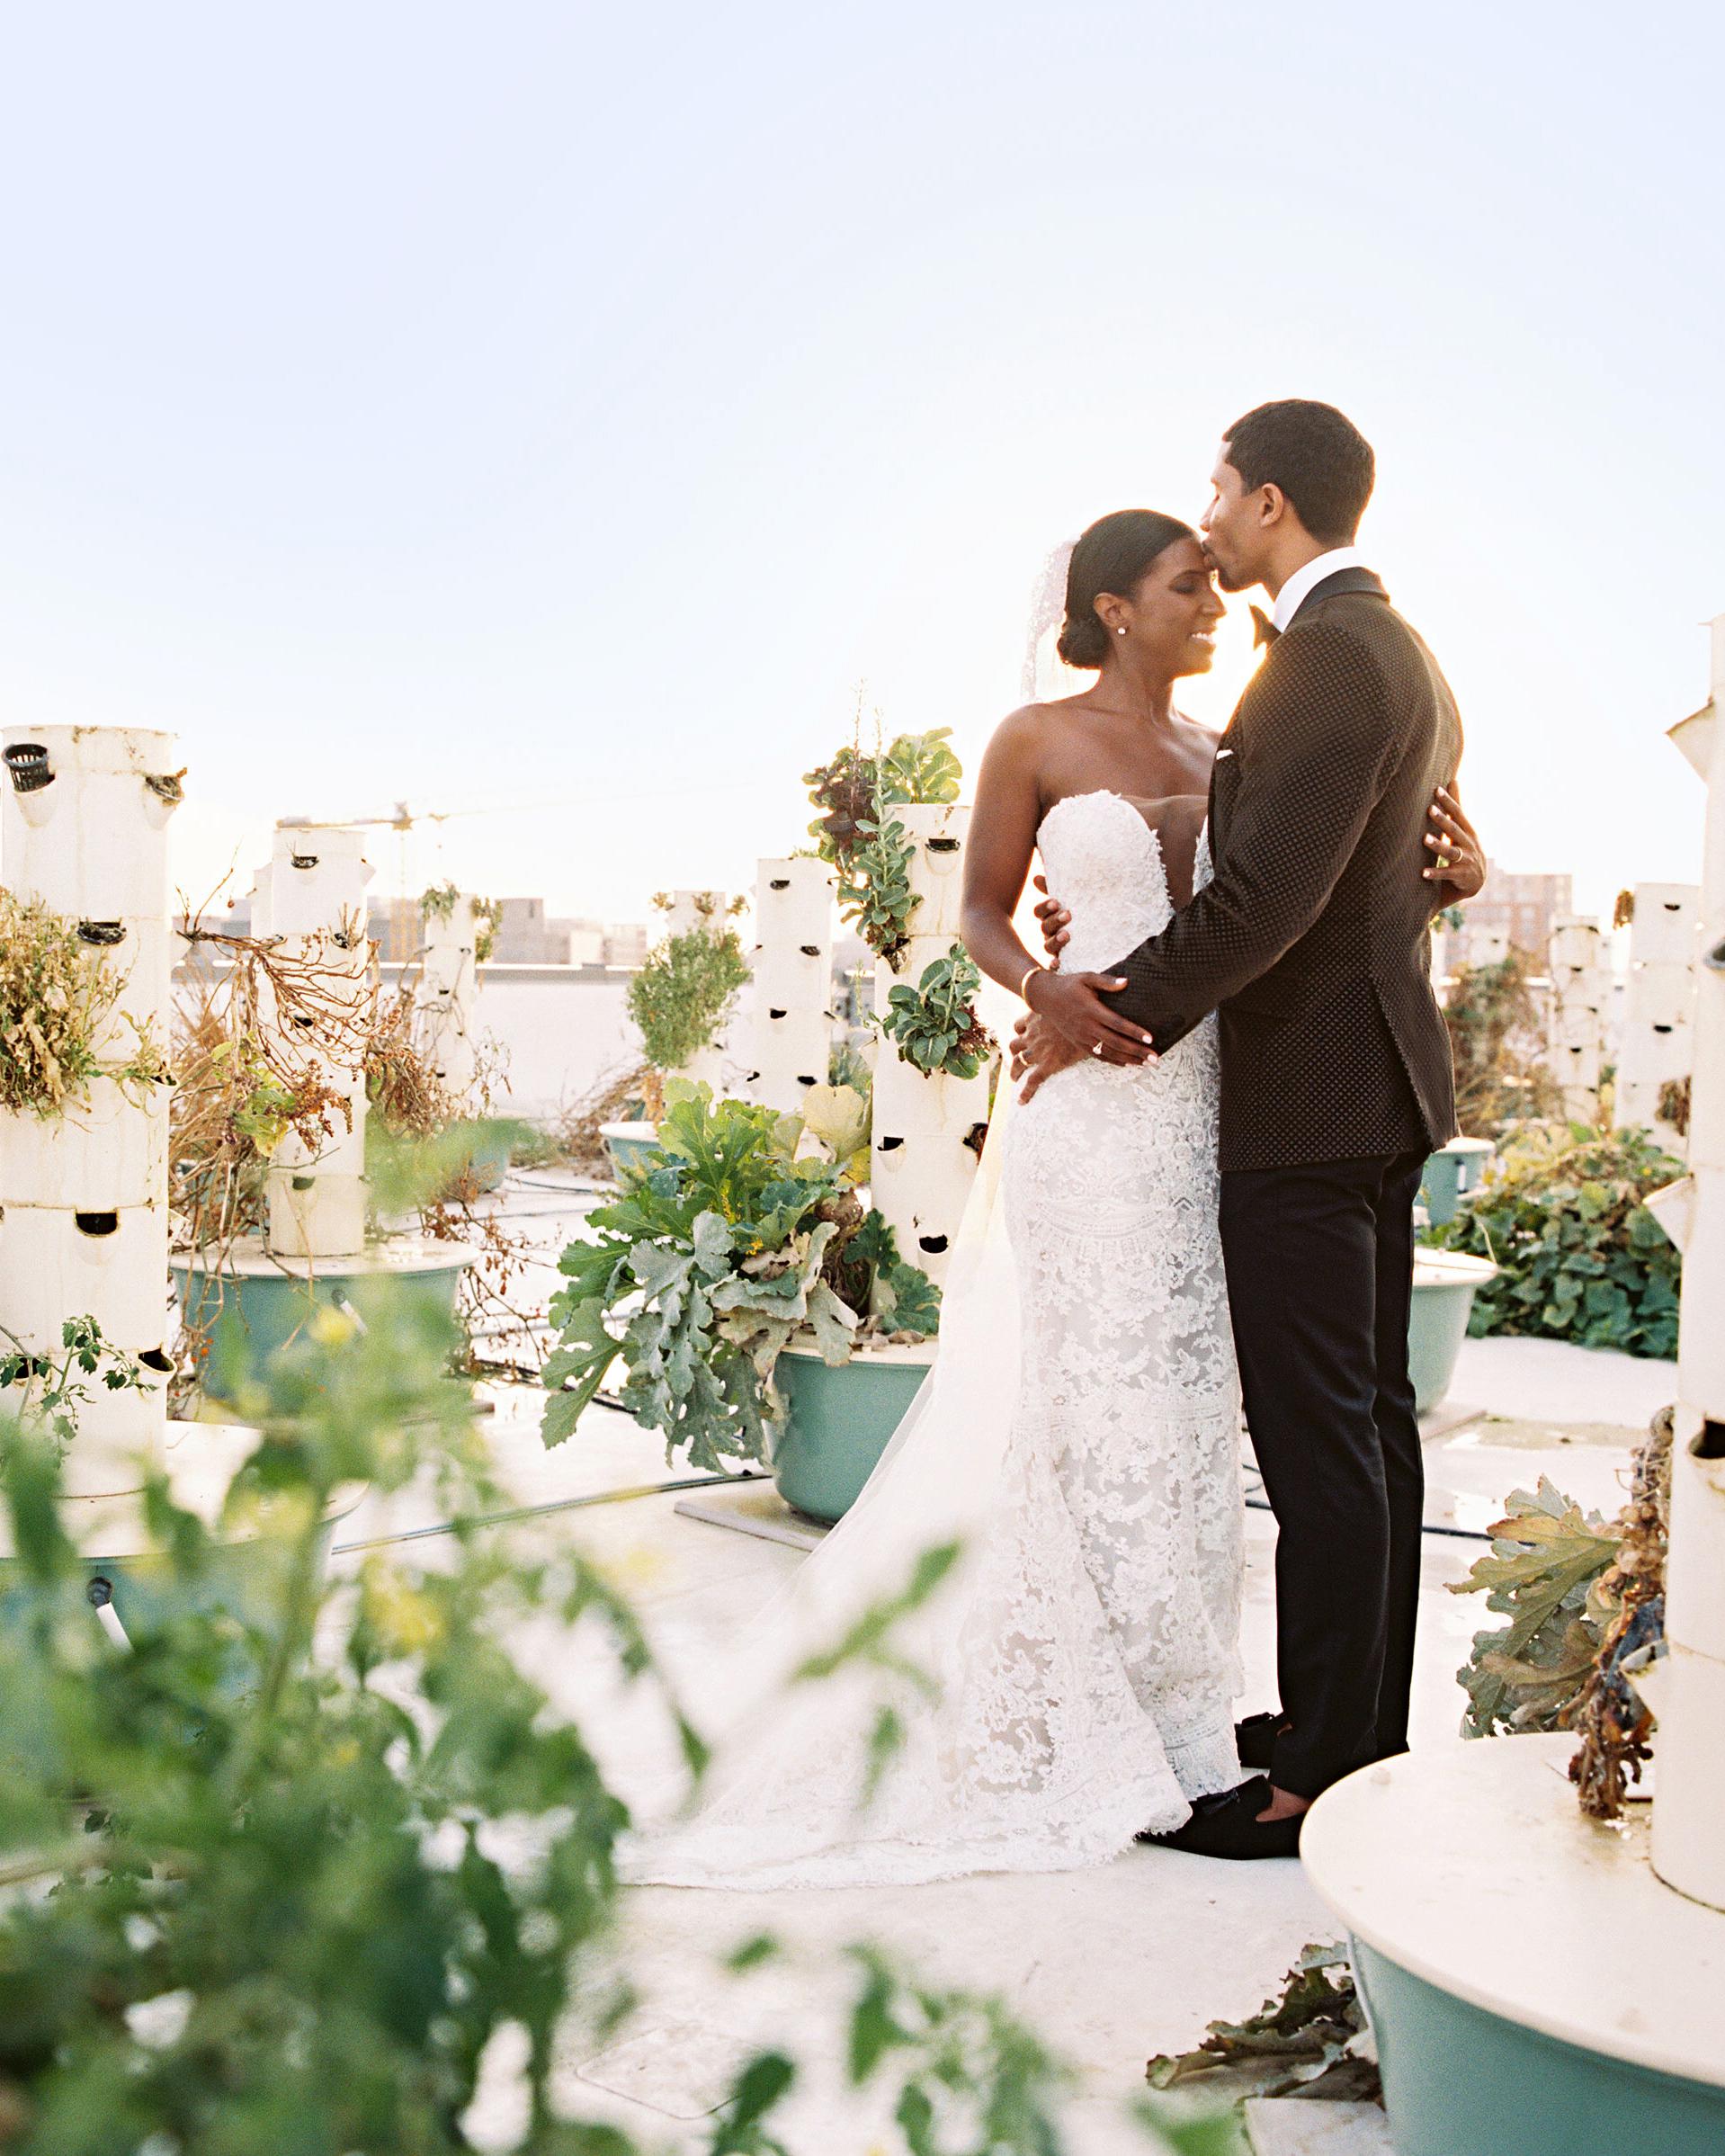 lindsey william wedding dc couple embrace